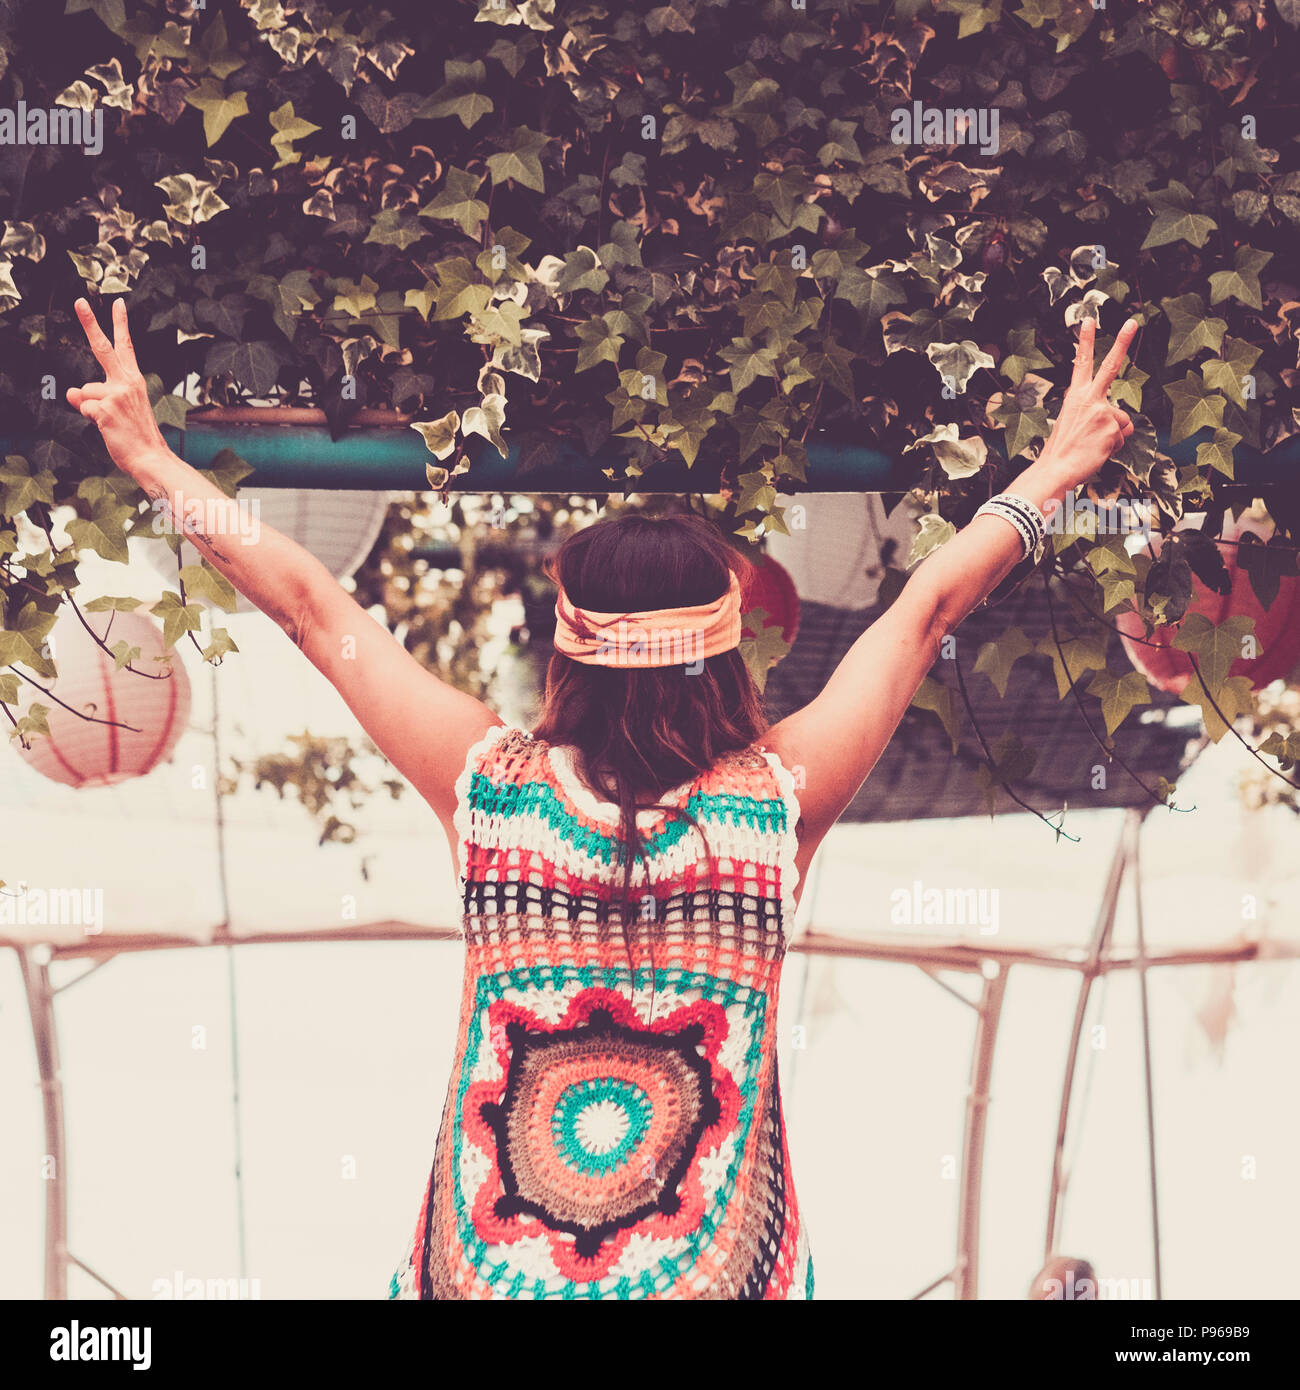 Vincitore Concetto di immagine con libertà ragazza visto dal lato posteriore dei bracci di apertura e l'apertura delle dita. hippy vestiti come negli anni '60. Foto Stock